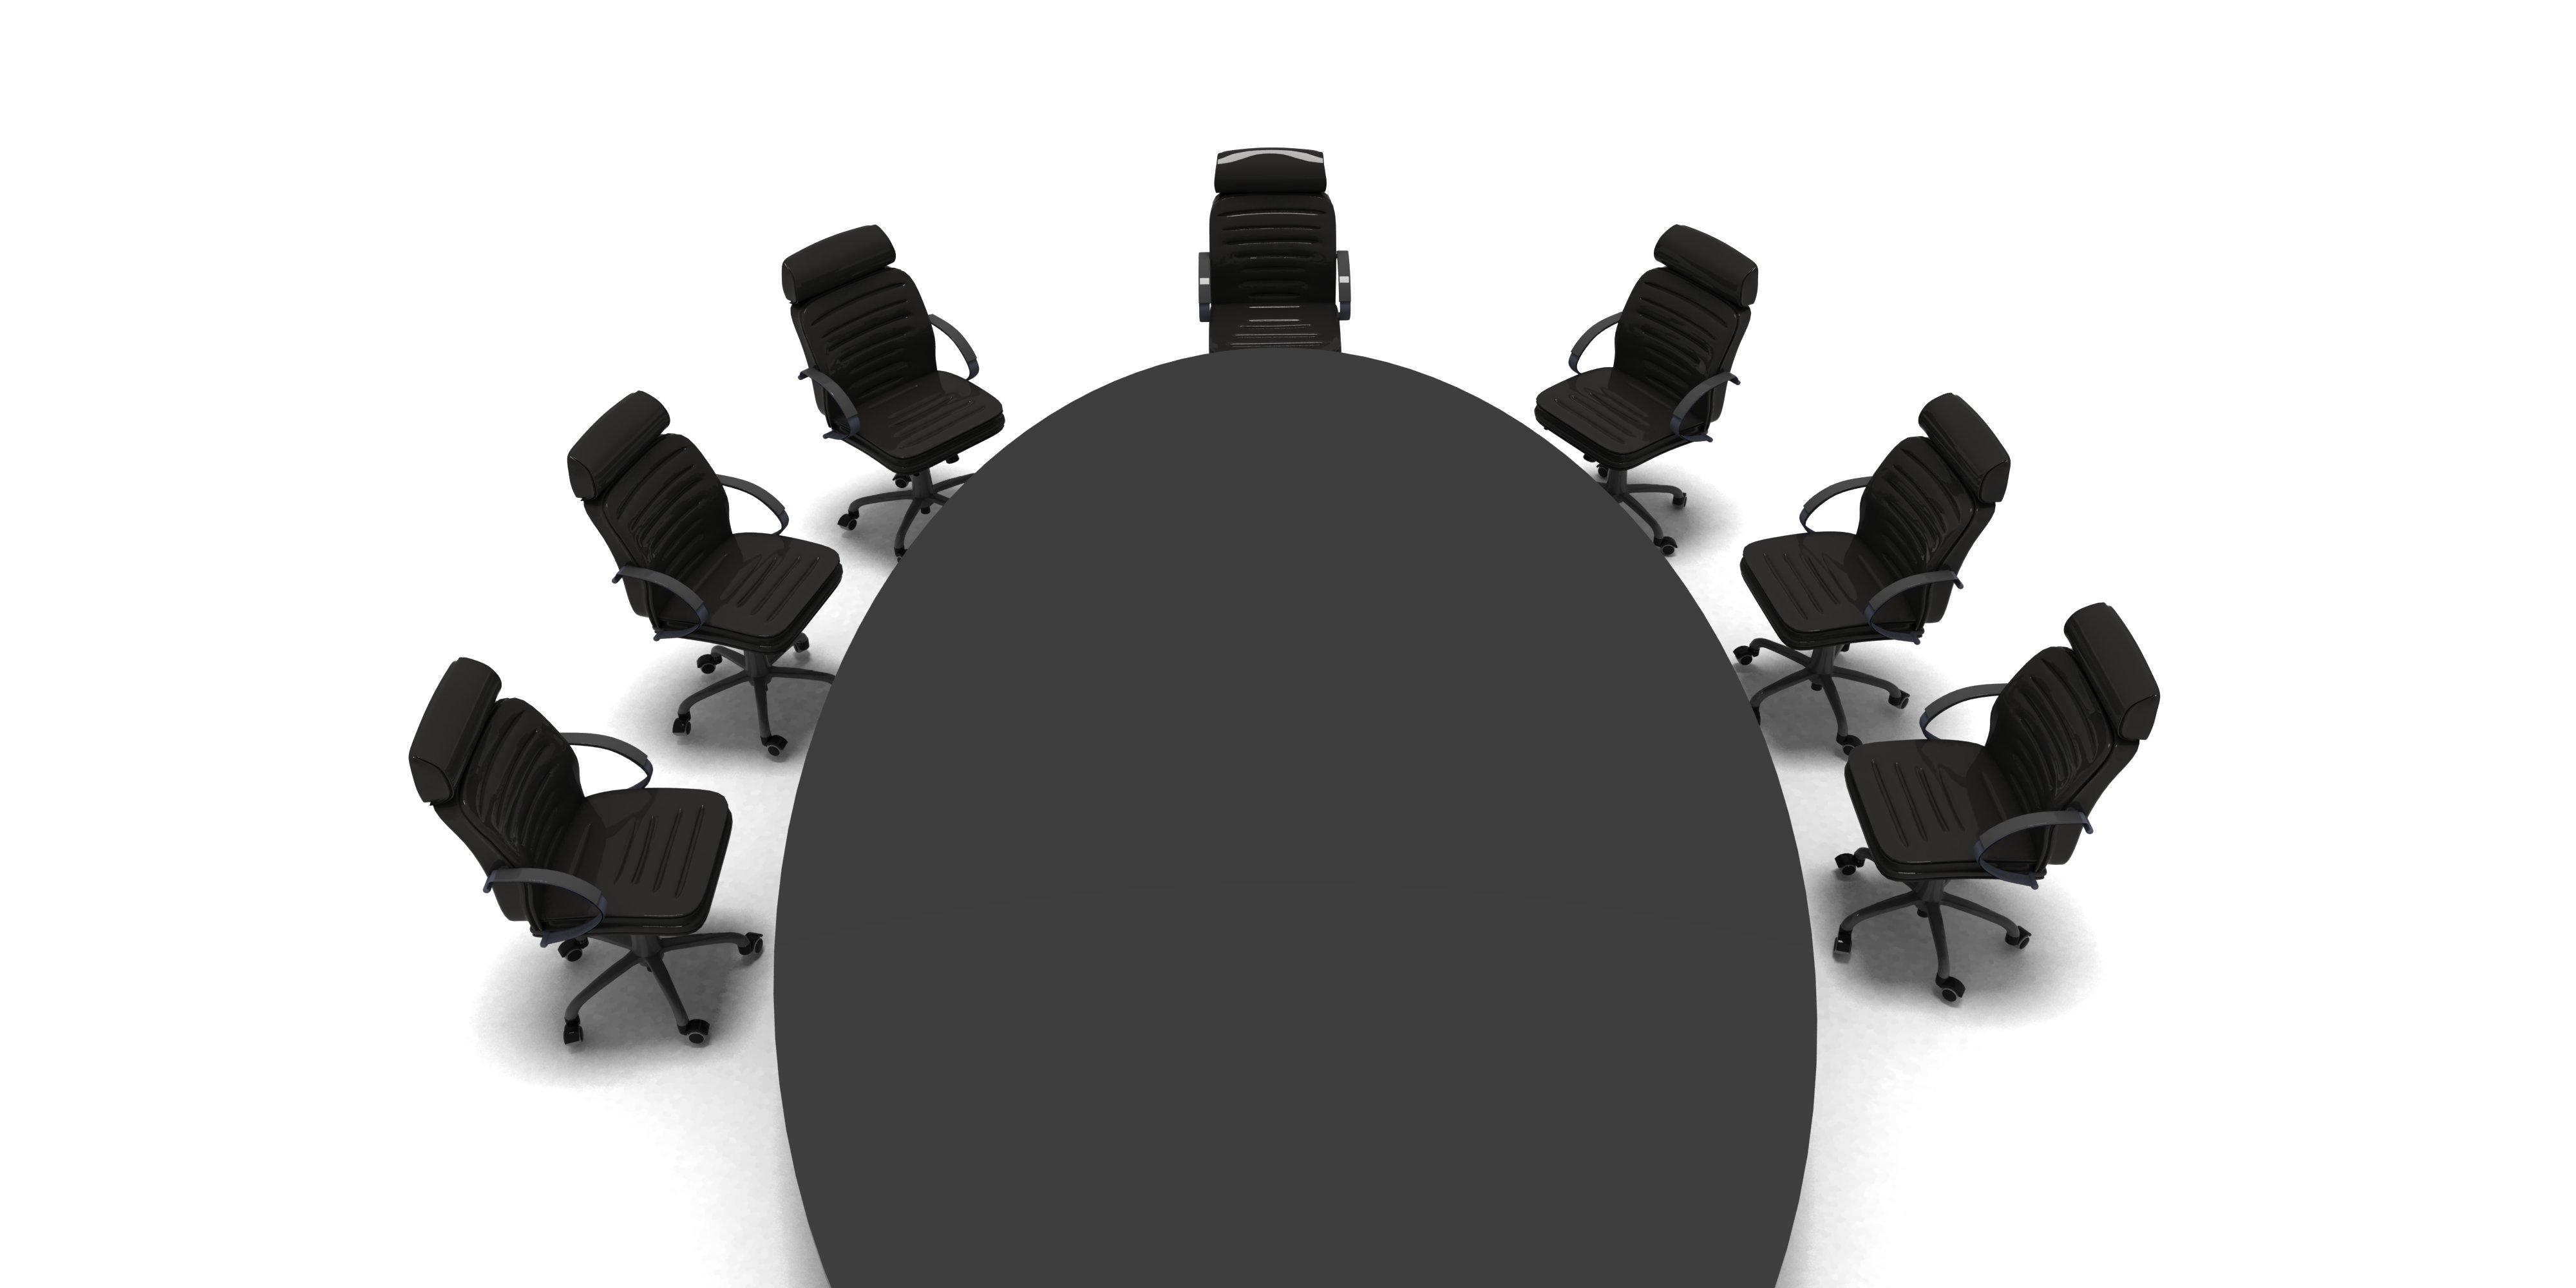 My fantasy board of directors